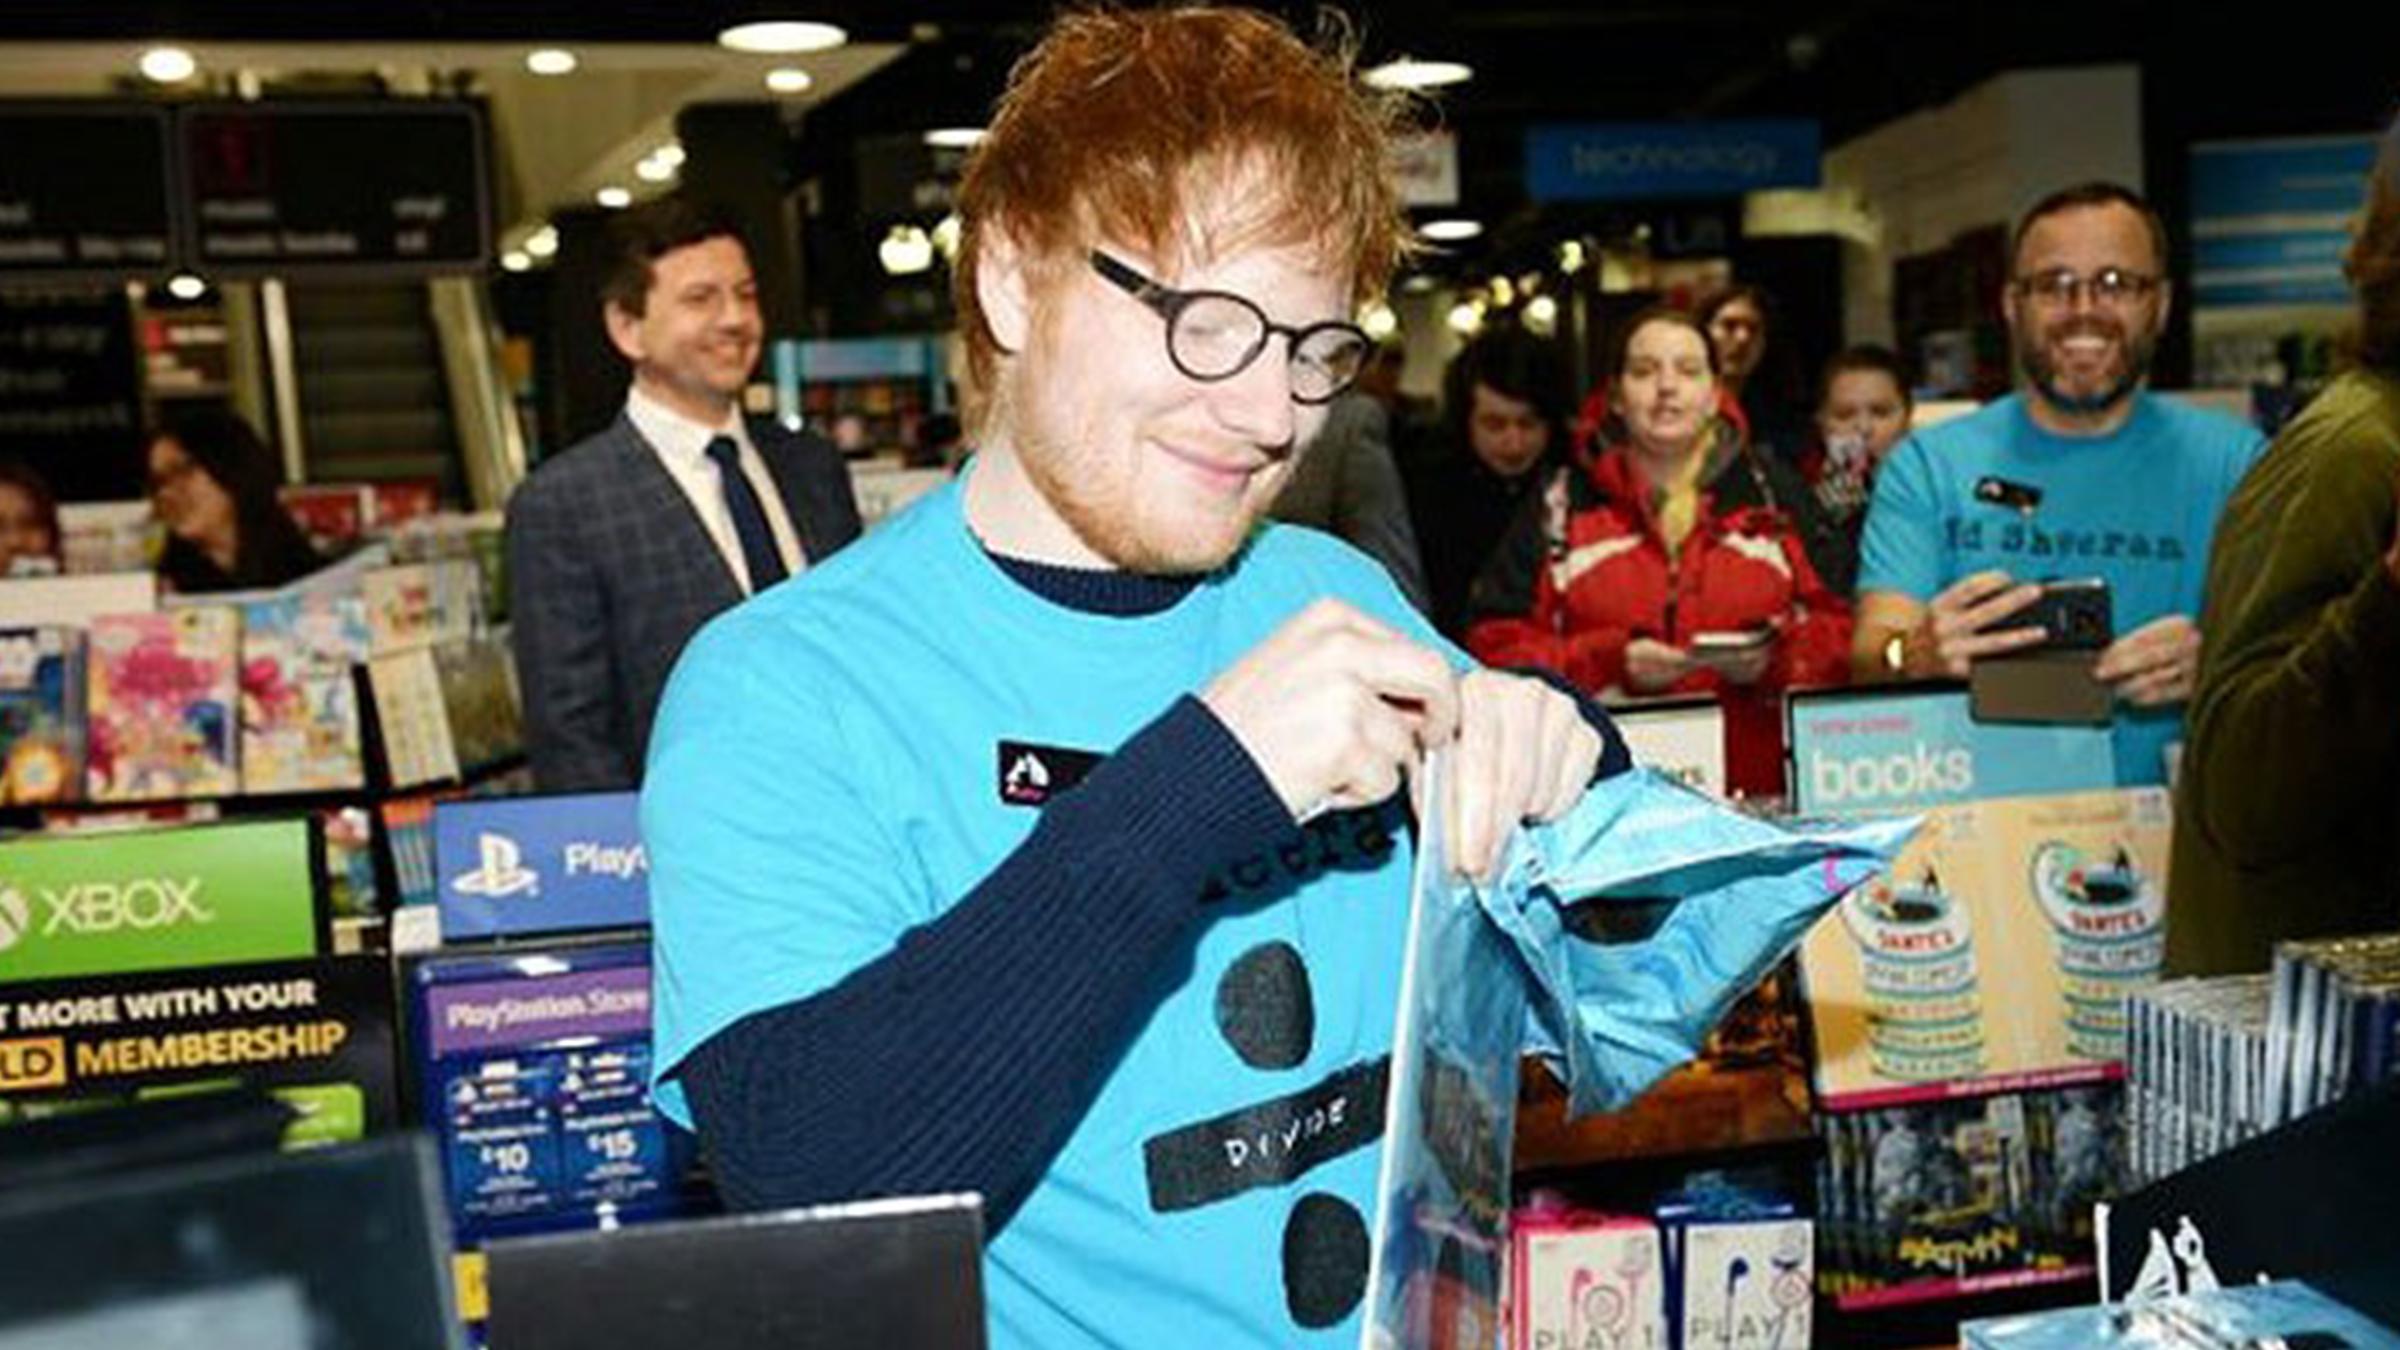 Ed merchandise